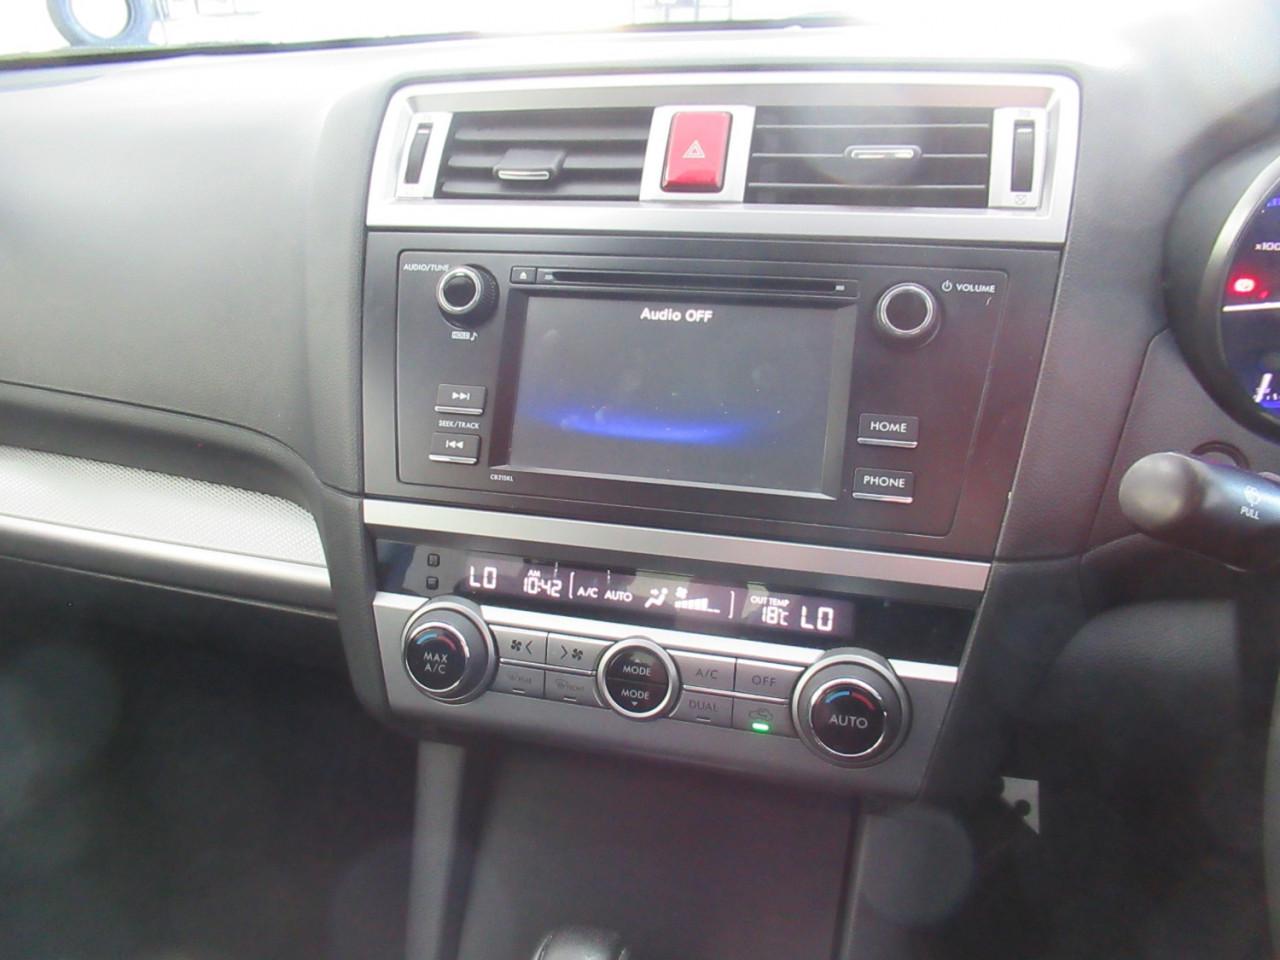 2016 Subaru Liberty 6GEN 2.5i Sedan Image 15